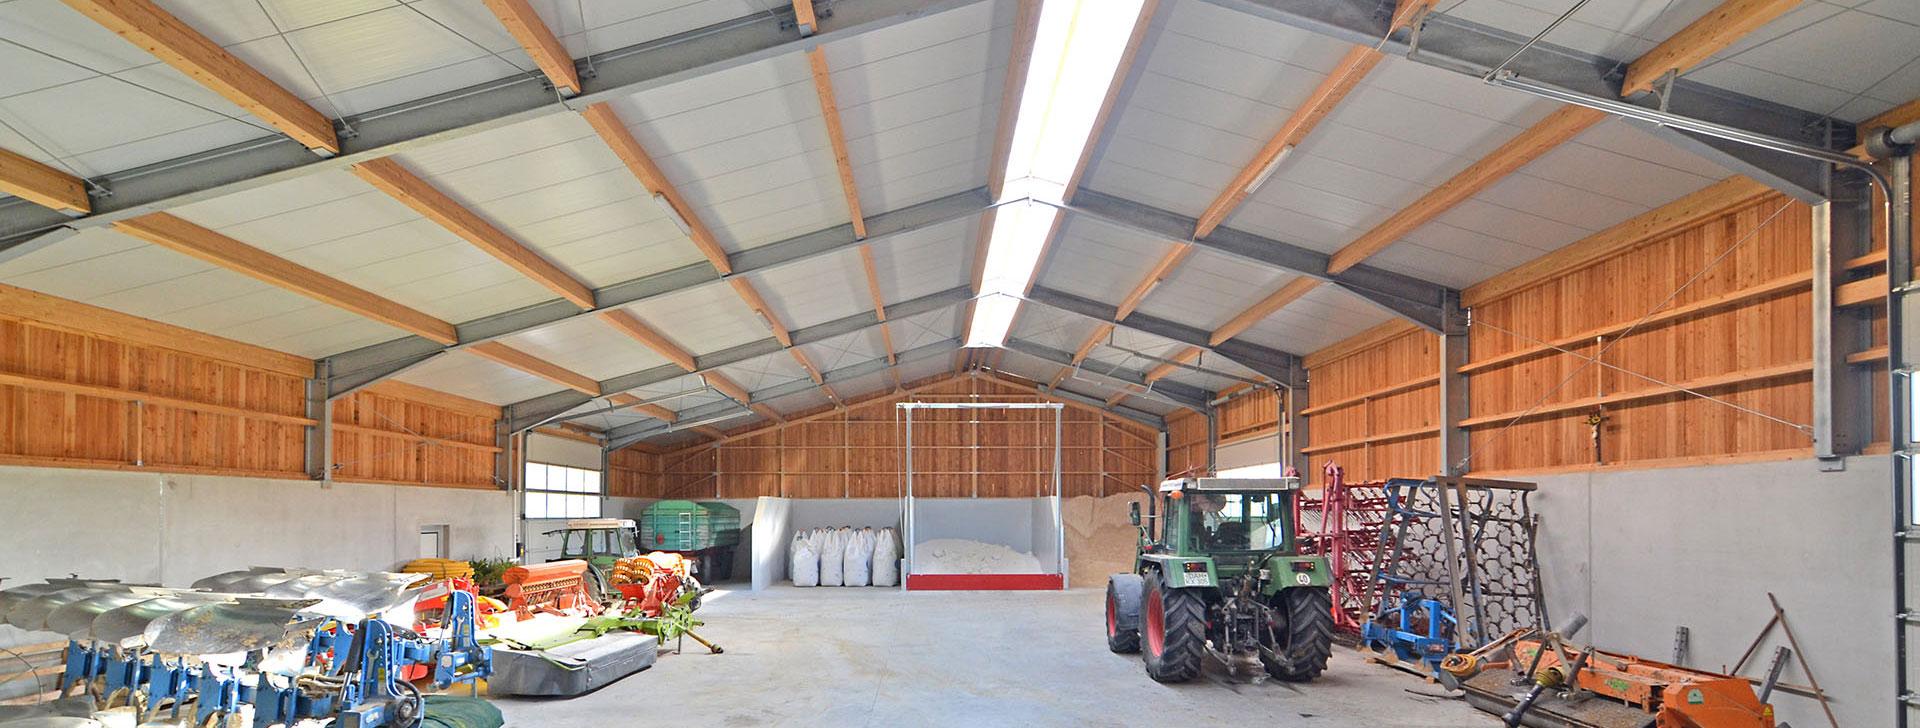 Mehrzweckhalle mit Stahlrahmen